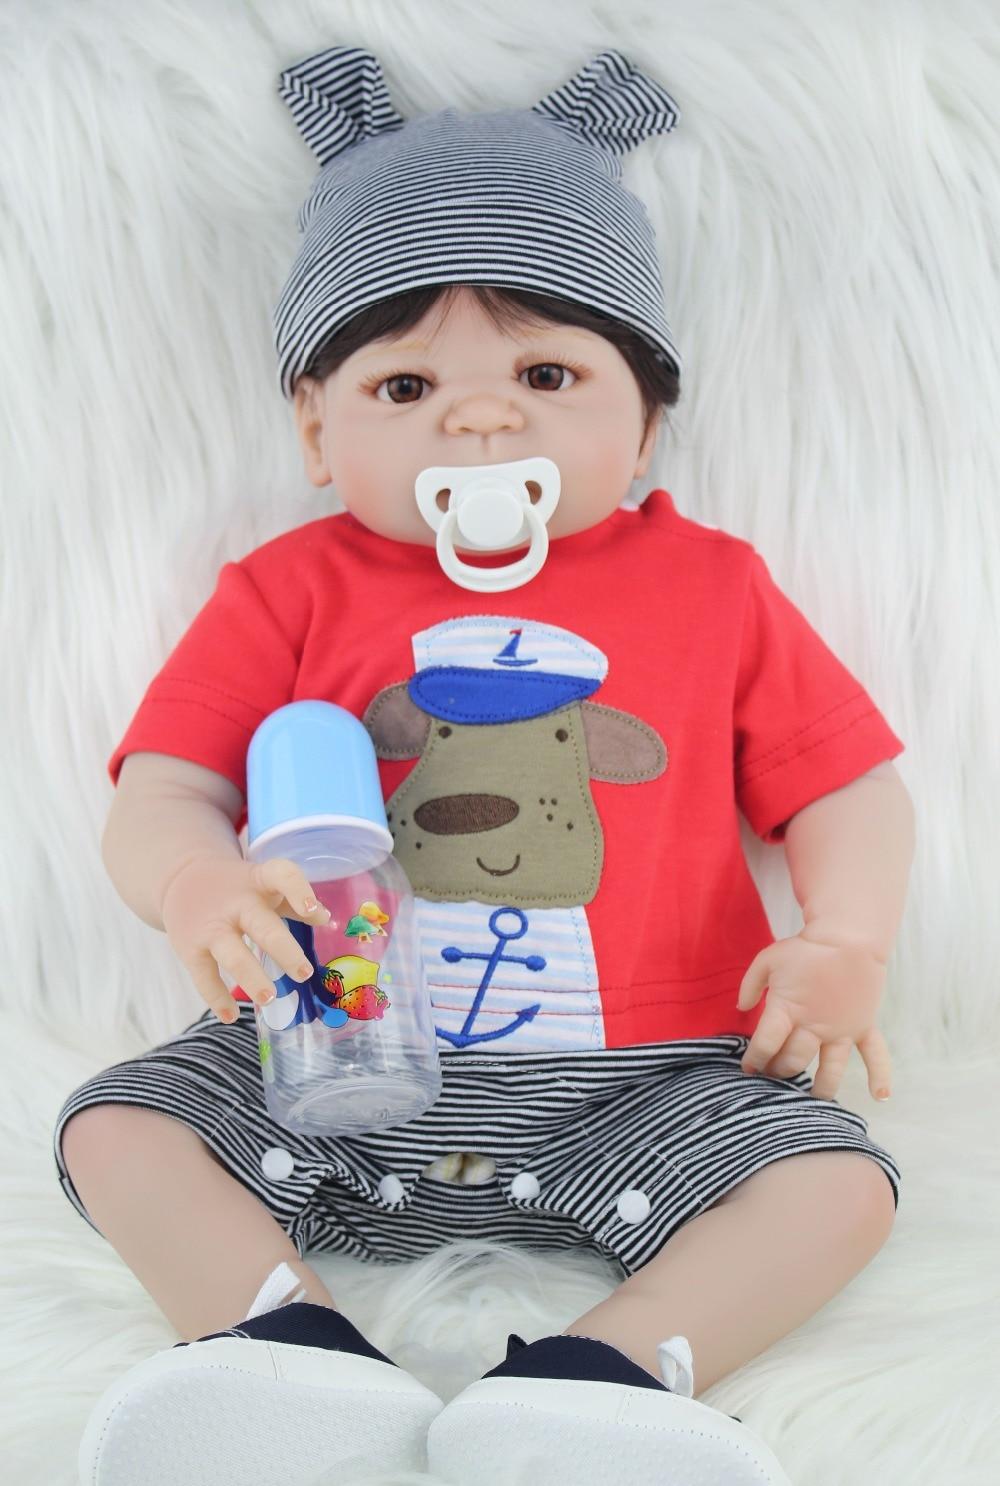 NPKCOLLECTION Volle Silikon Reborn Baby Puppe Spielzeug Lebensechte 55 cm Neugeborenen Jungen Babys Puppe Schöne Birt hday Gif t Für mädchen Baden Spielzeug